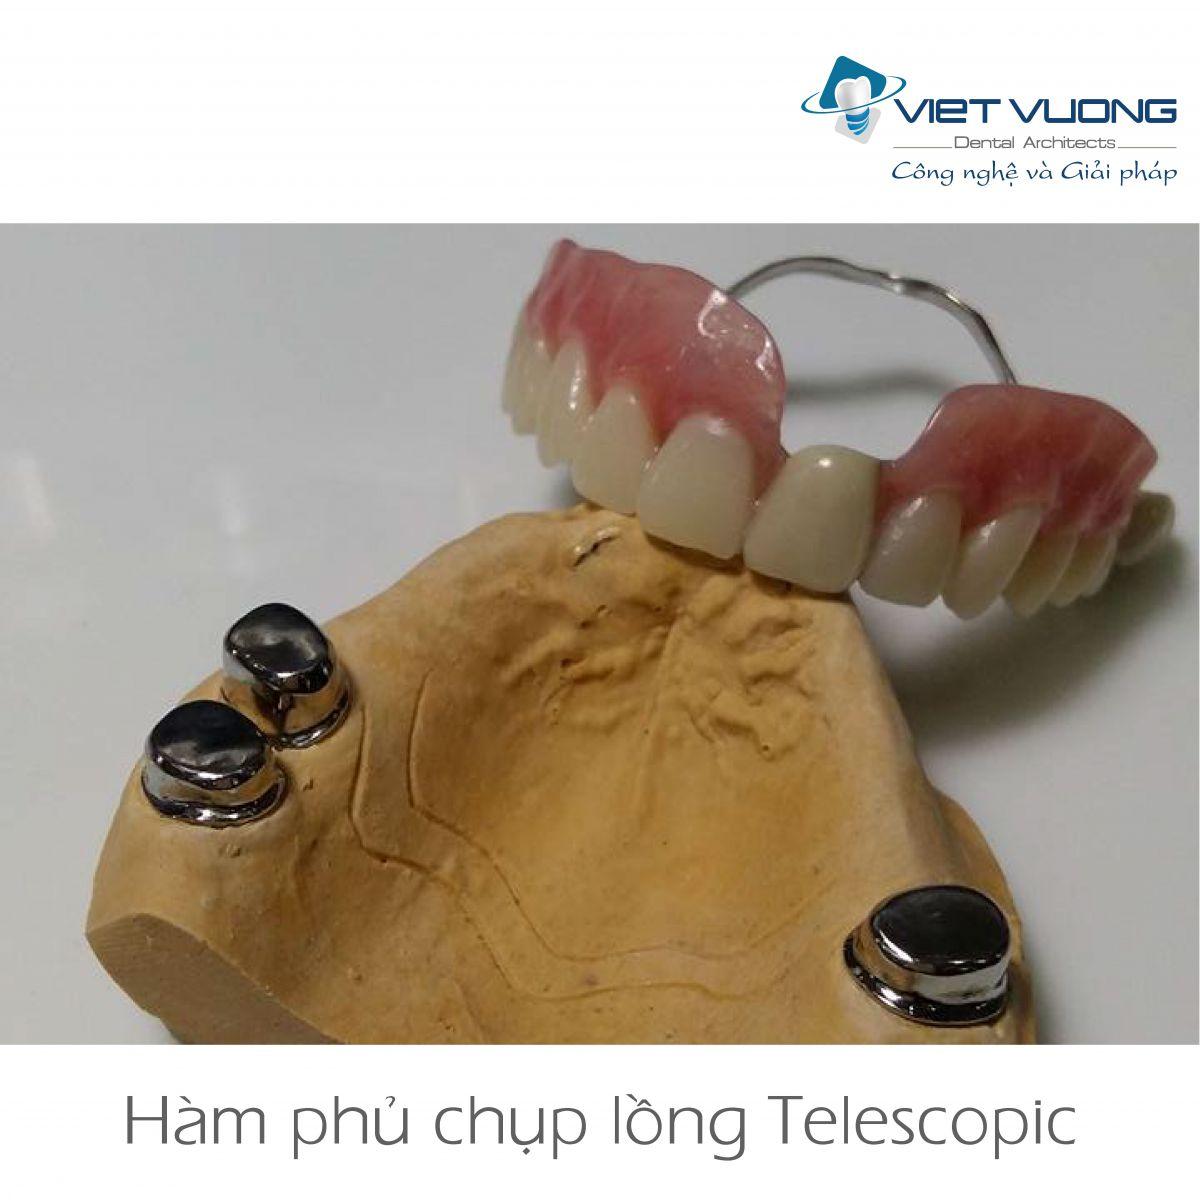 Hàm phủ chụp lồng Implant ( Telescopic )